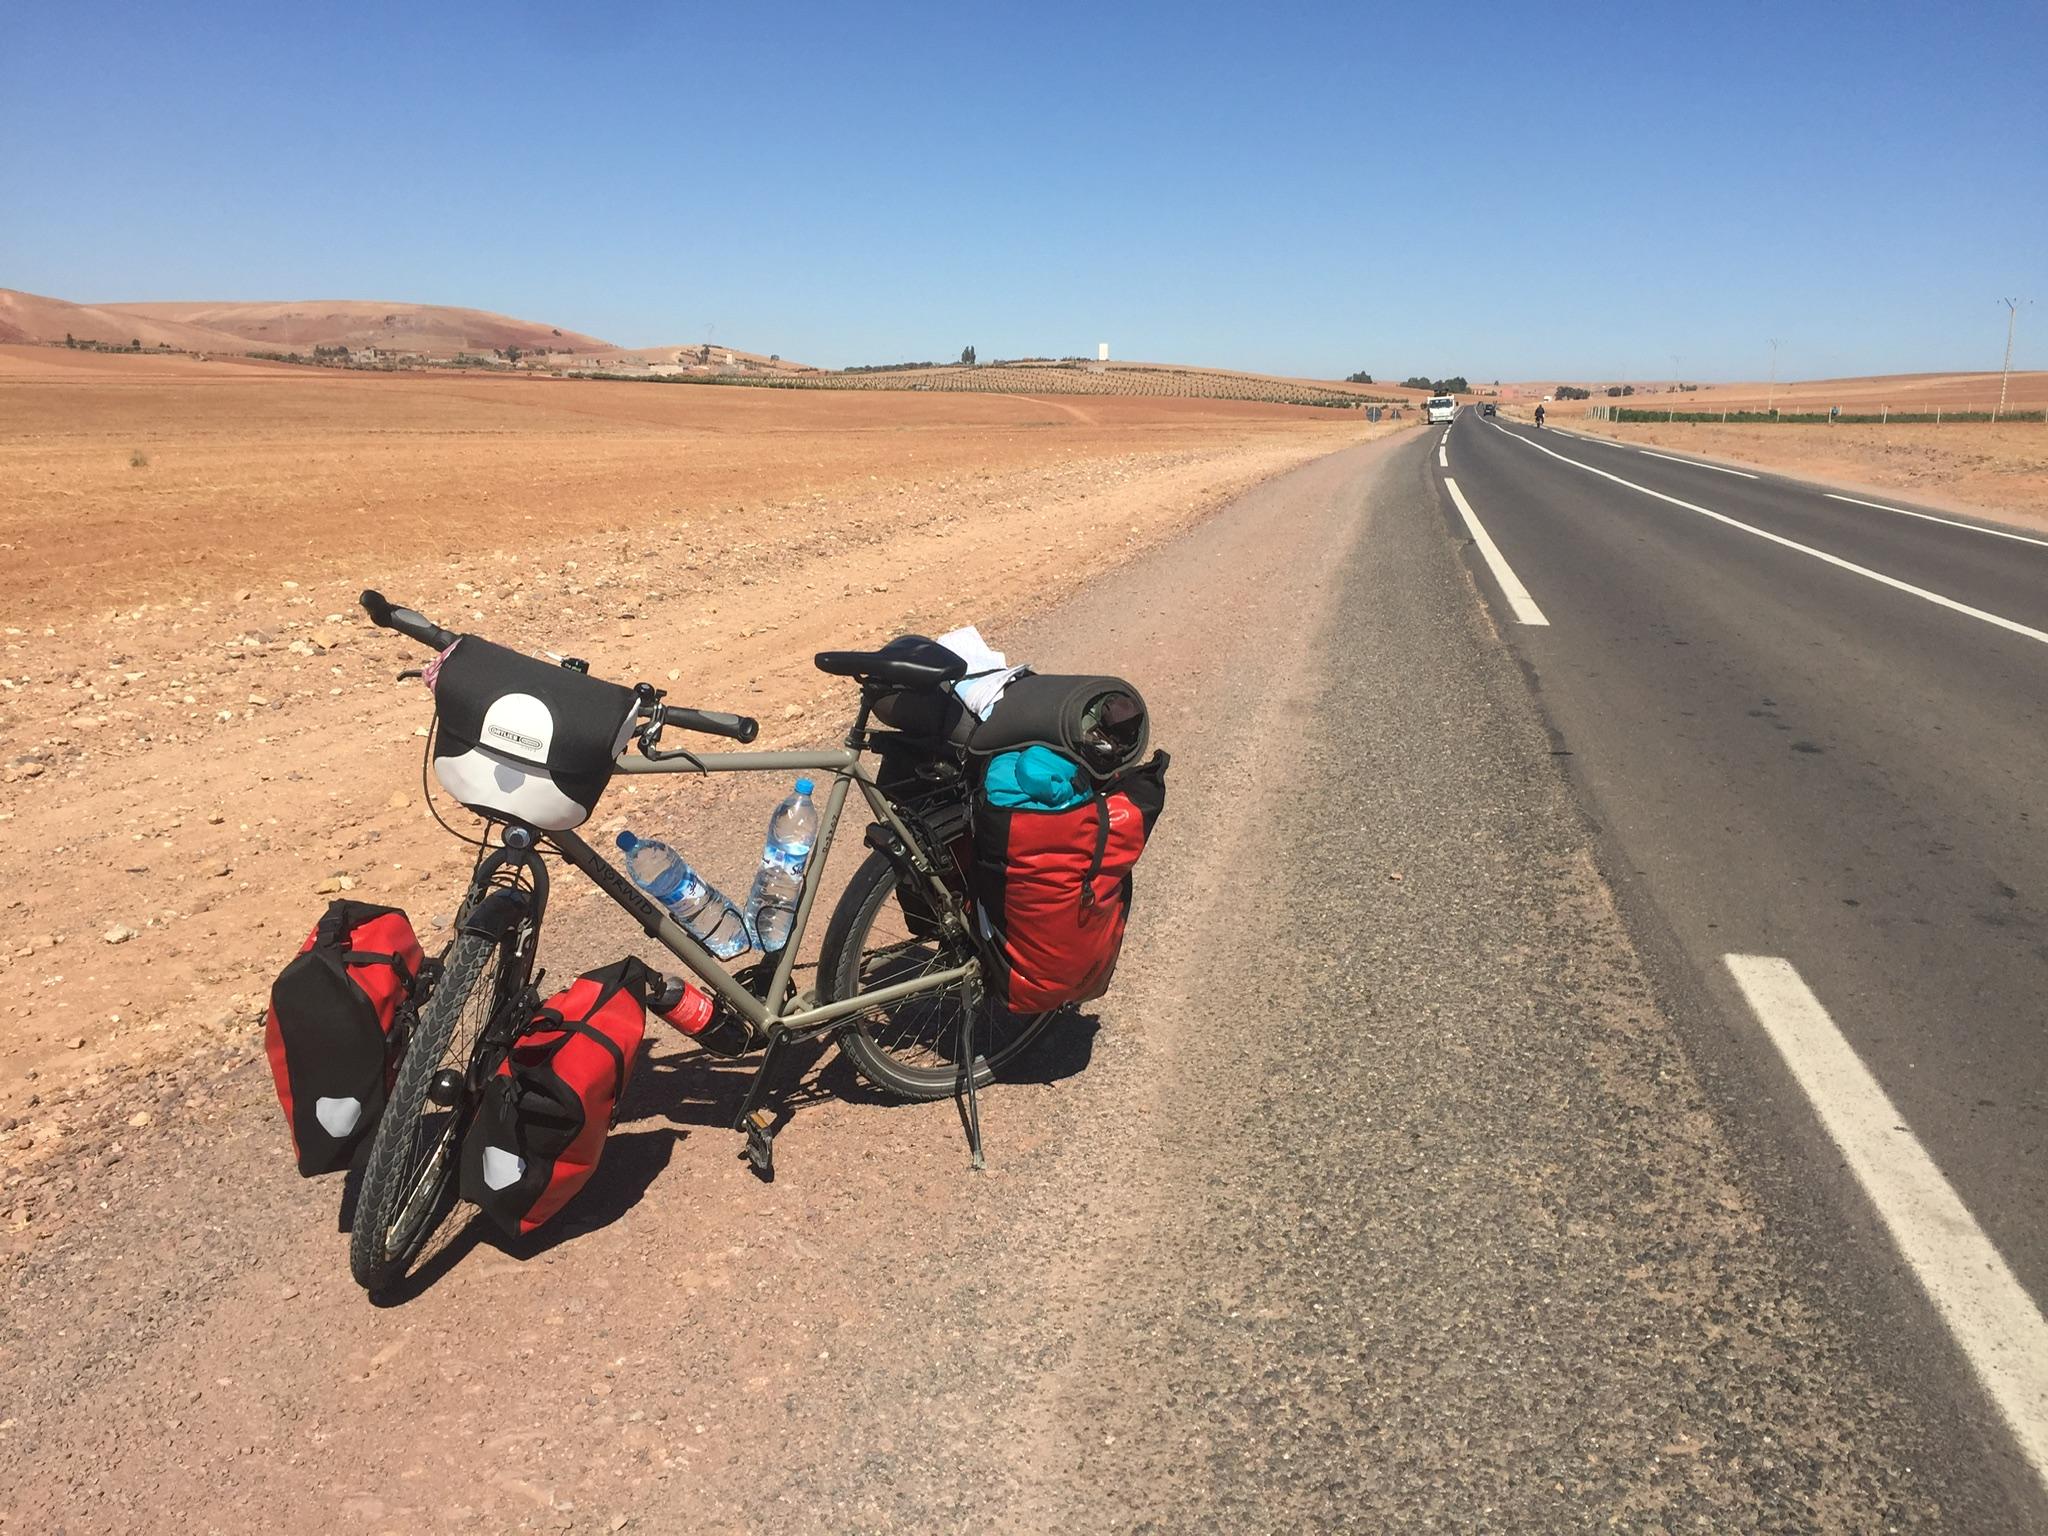 Wüstenstraße auf dem Weg nach Marrakesch